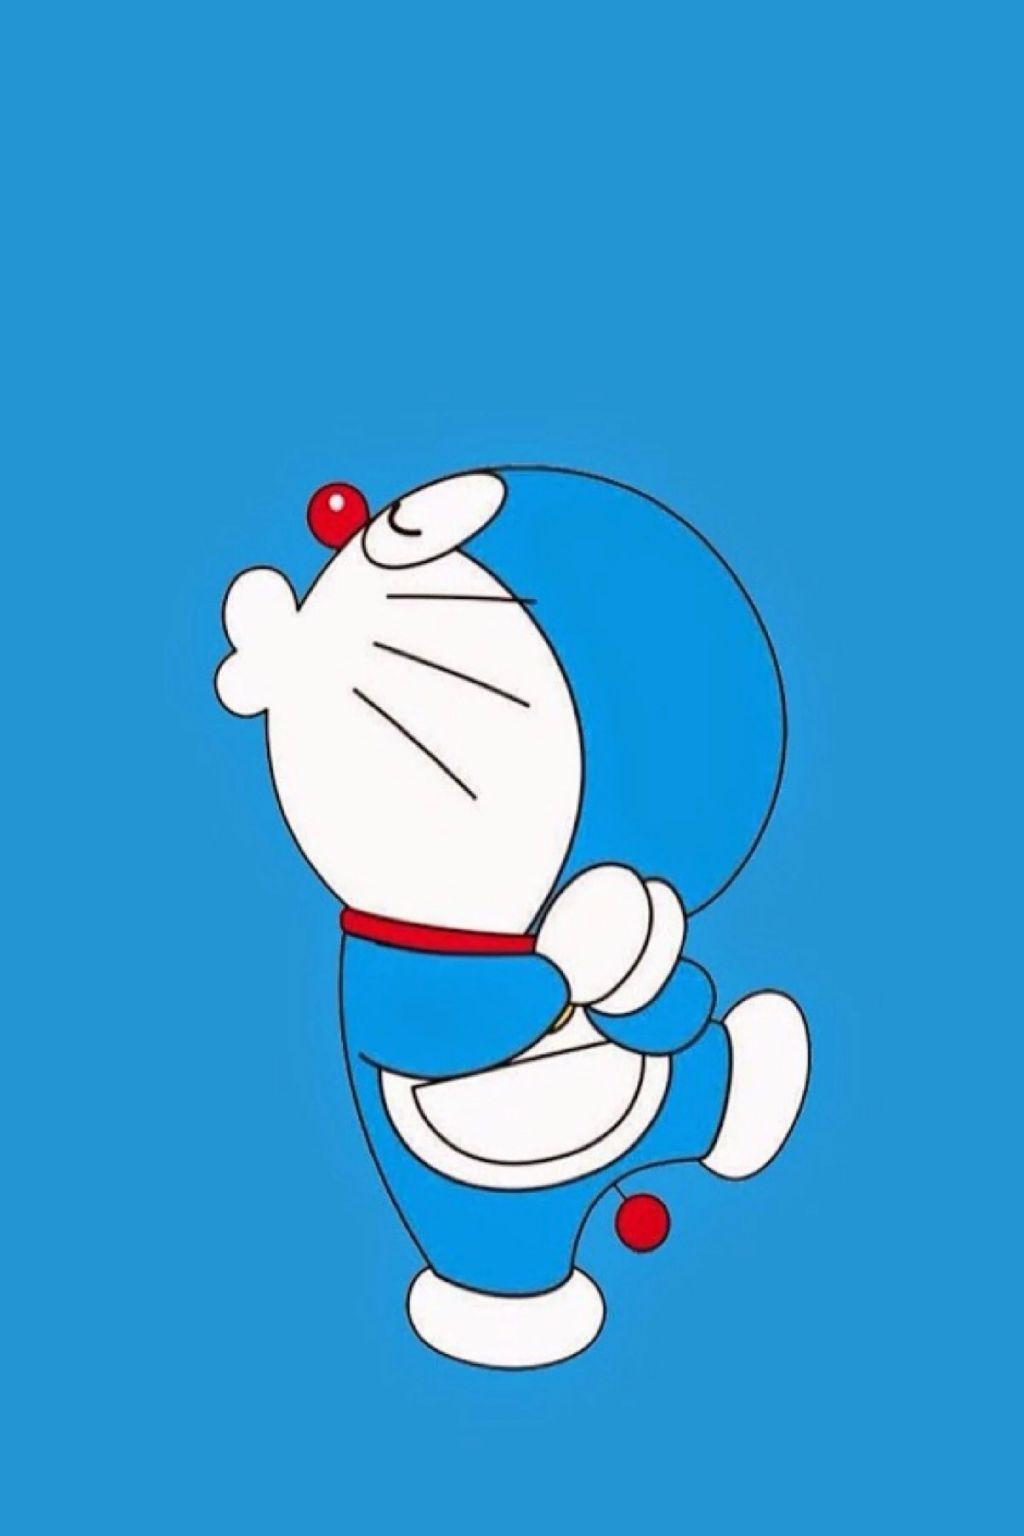 手机壁纸:蓝胖子、多啦A梦、叮当猫手机壁纸,赶紧换上。插图7